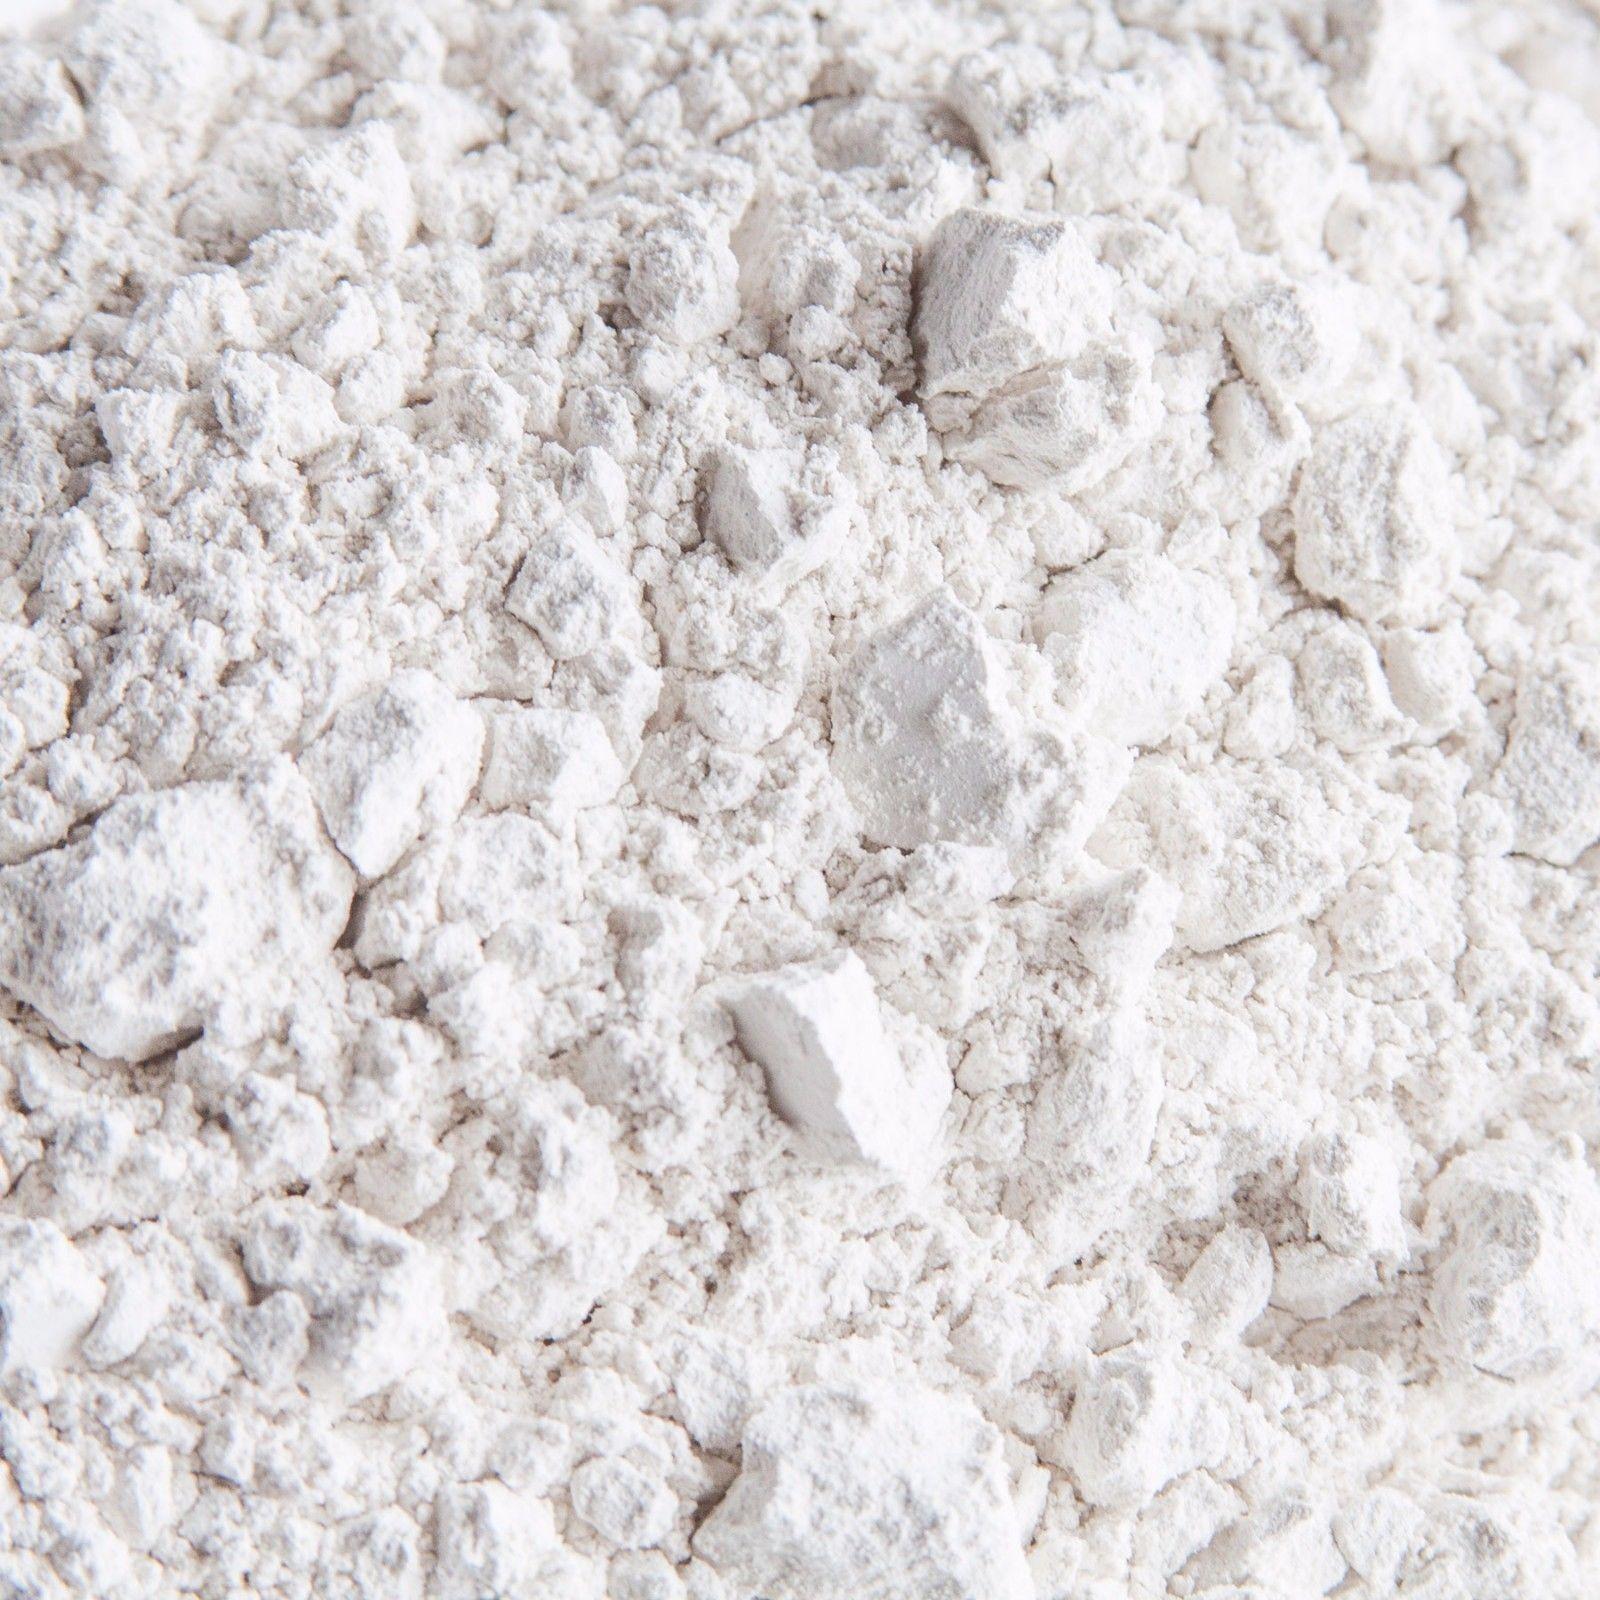 Chalk Powder French Chalk Powder White Chalk Powder SCHOOL CHALK CRUSHED -1 kg